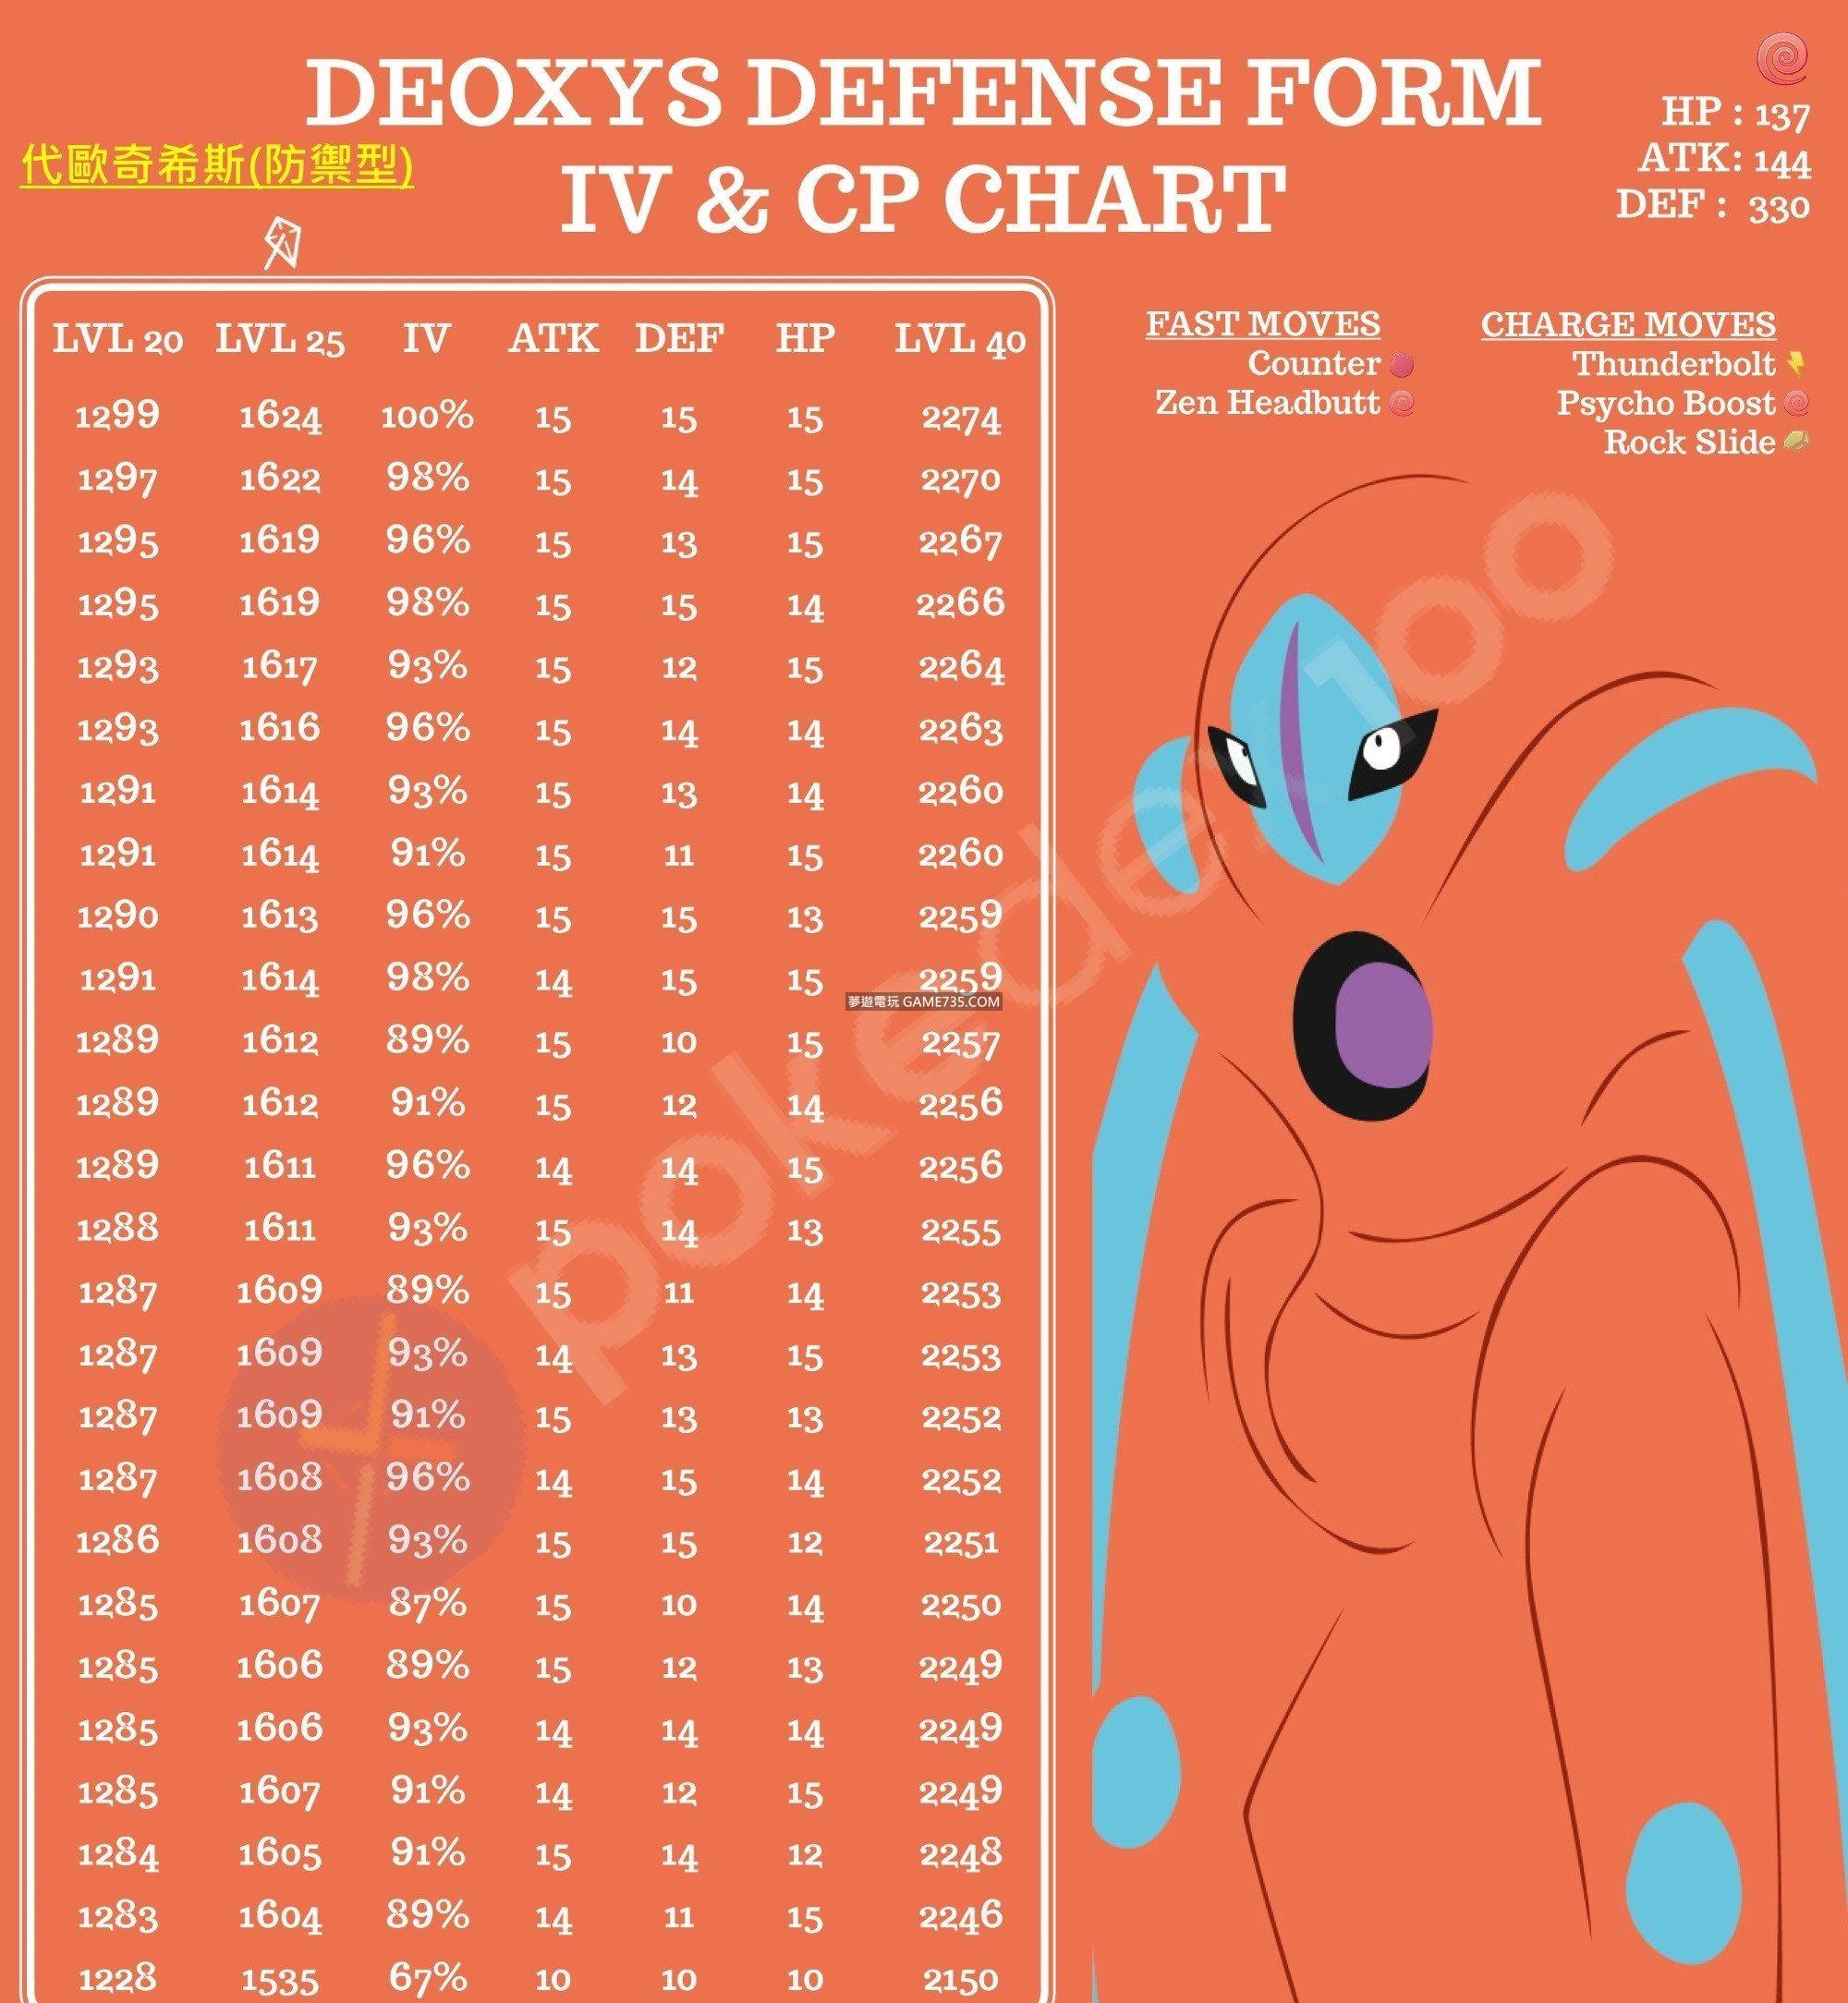 寶可夢外掛 【最後炎帝團戰】0715更新 POKEMONGO免費外掛 繁體中文版 PokeGo2.0 R120飛人/ 懶人繁體中文版外掛